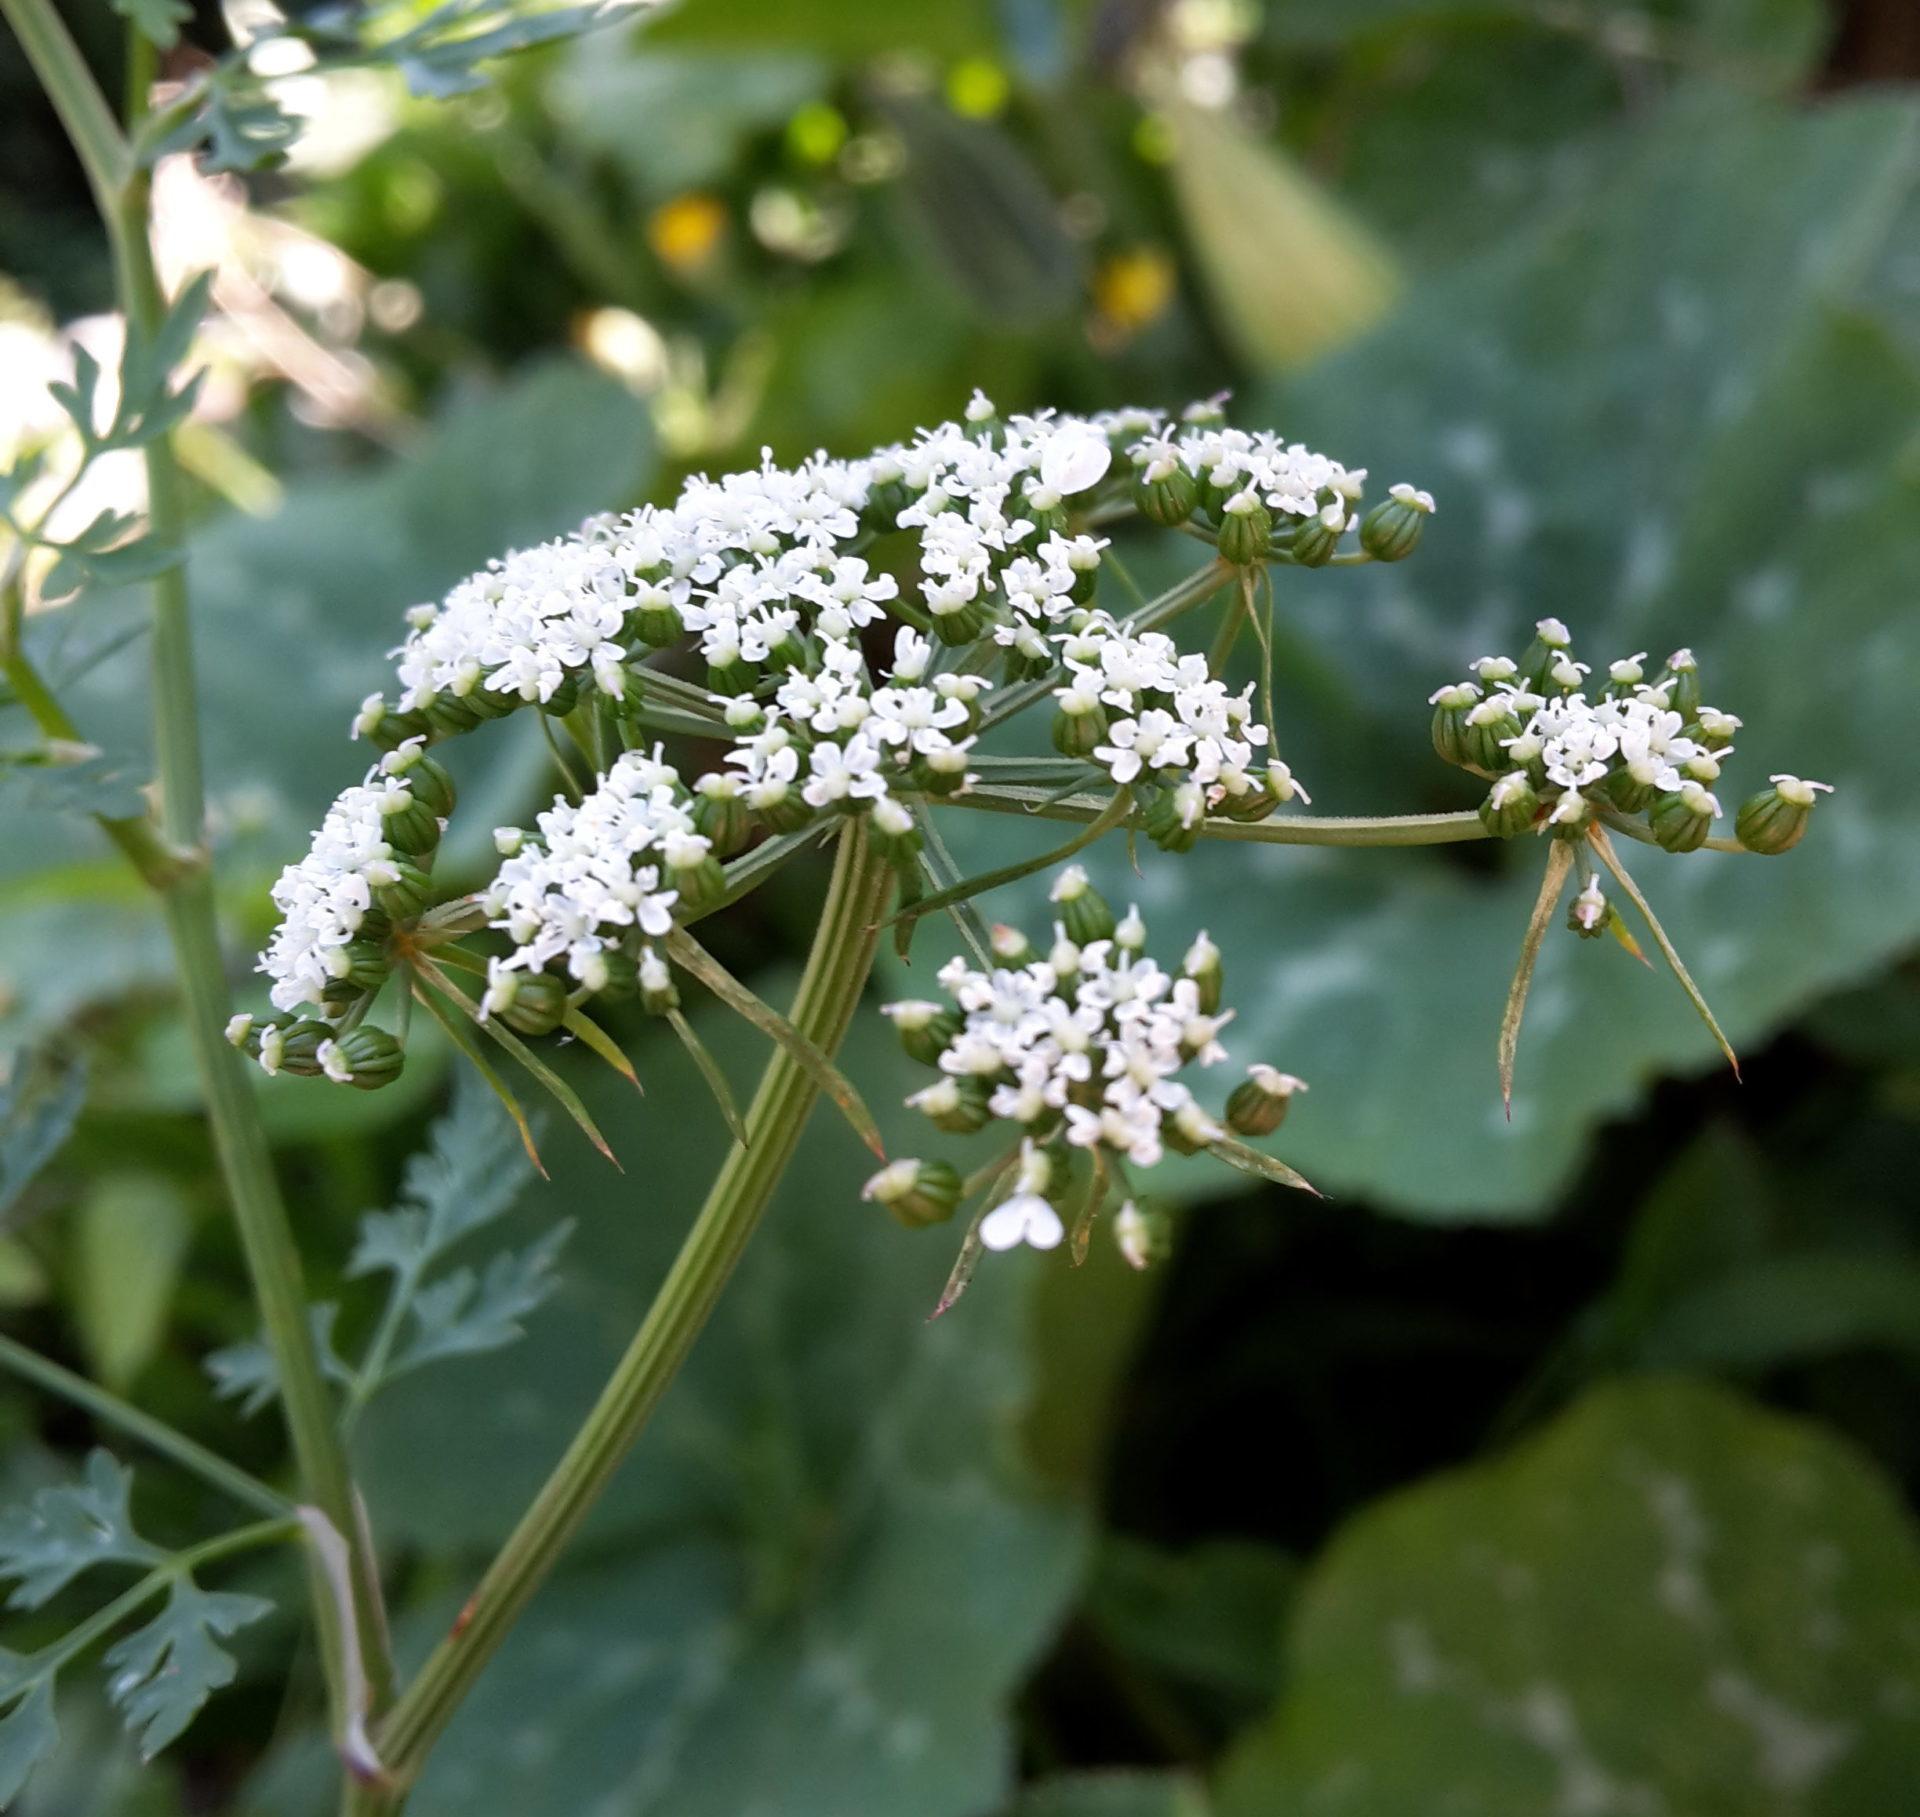 Plantes sauvages et sécurité